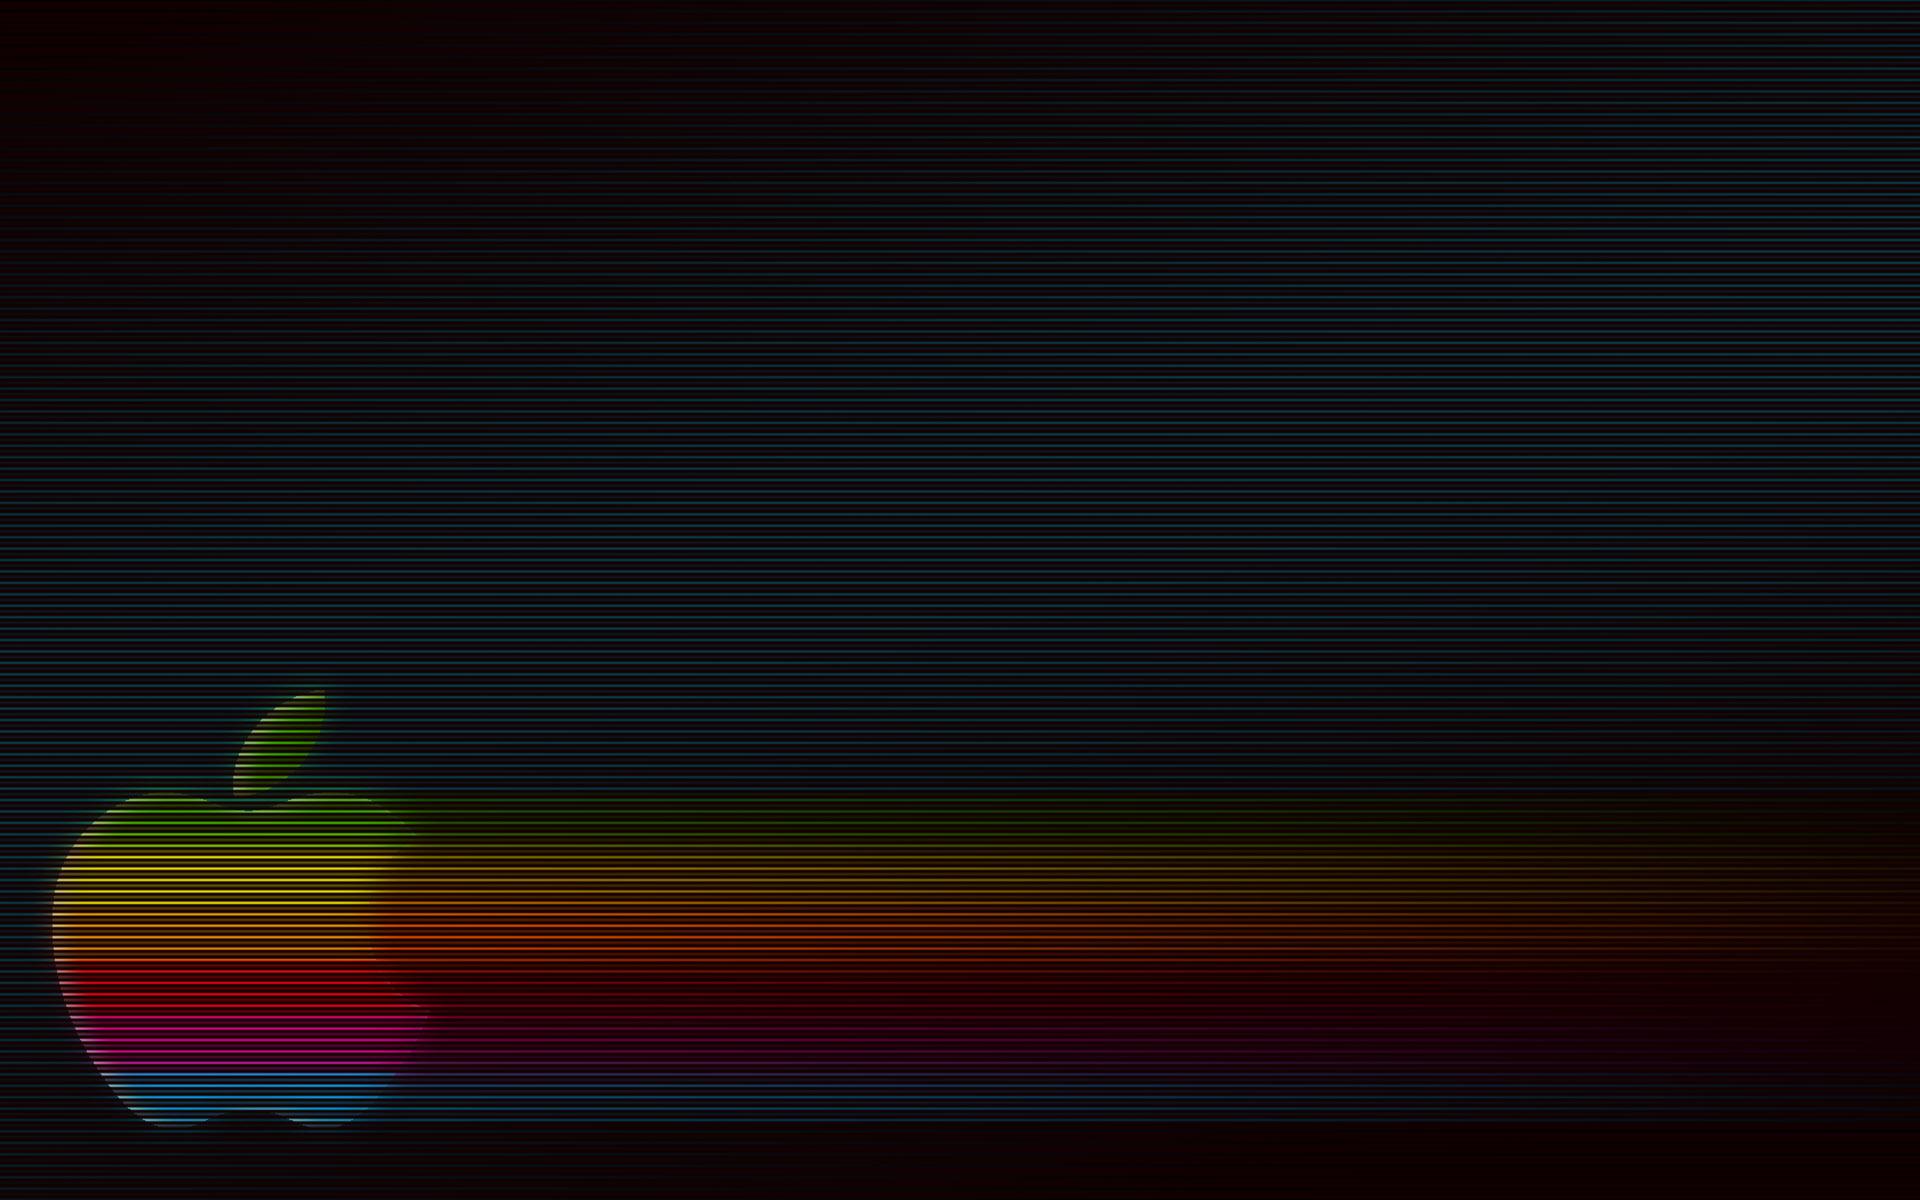 壁纸/Apple主题79 4